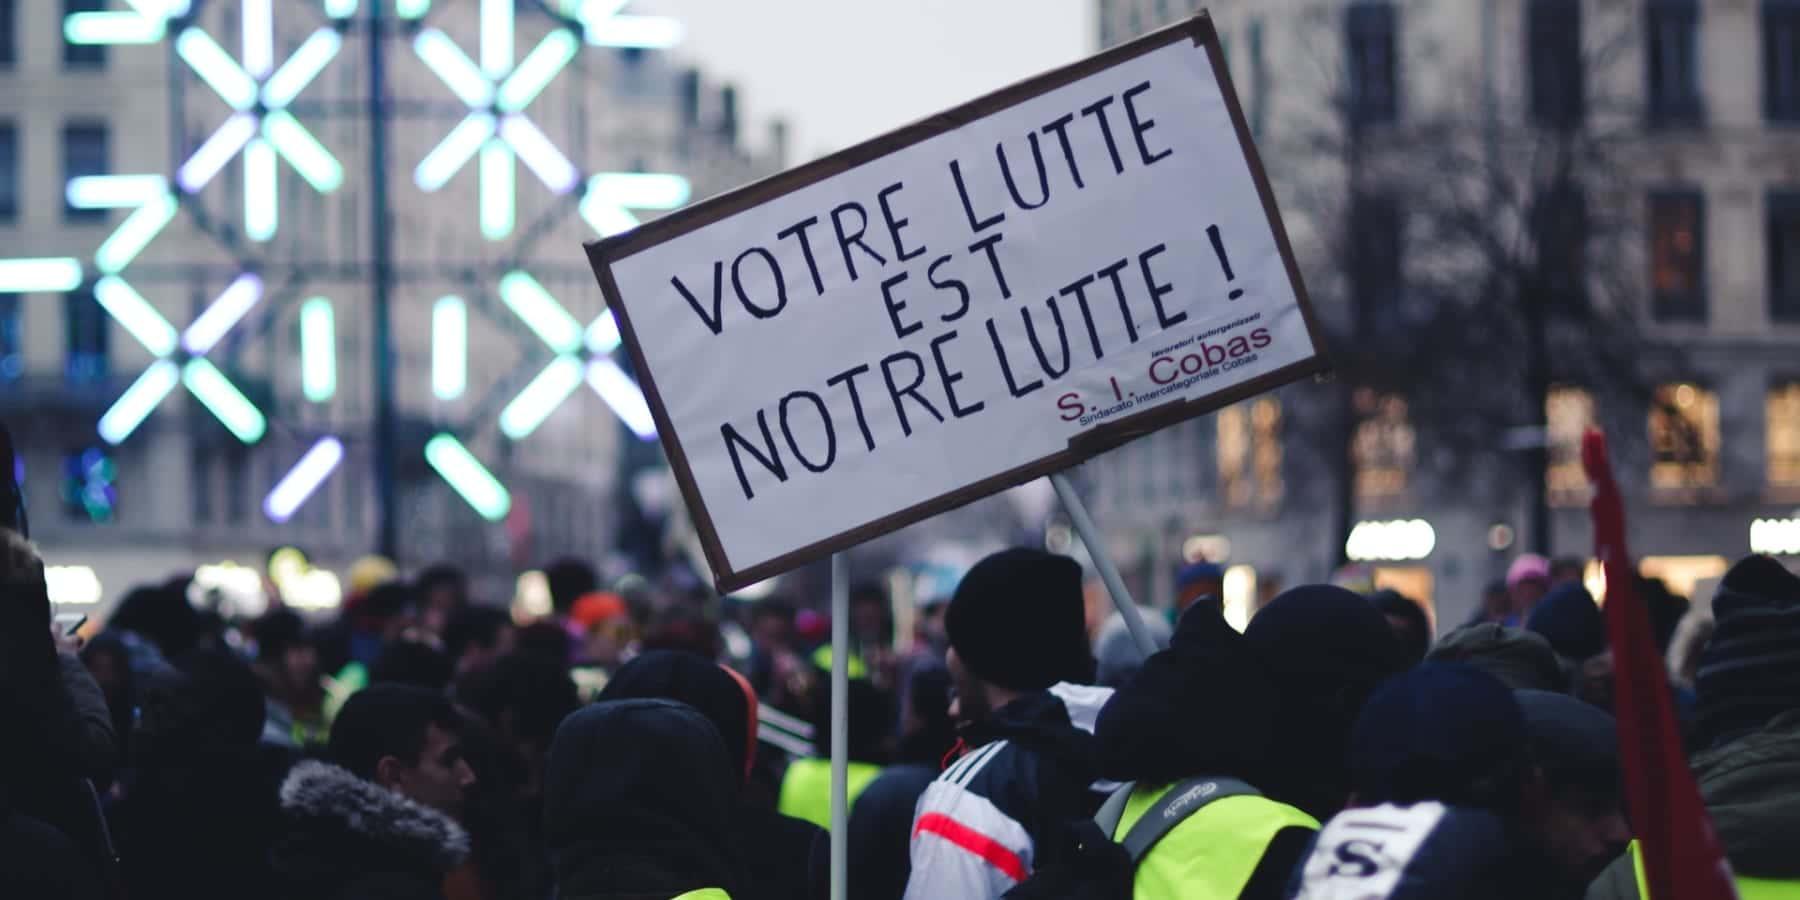 誰もが発言できる、本物の民主主義を。フランス発のデモ代行アプリ「Wistand」